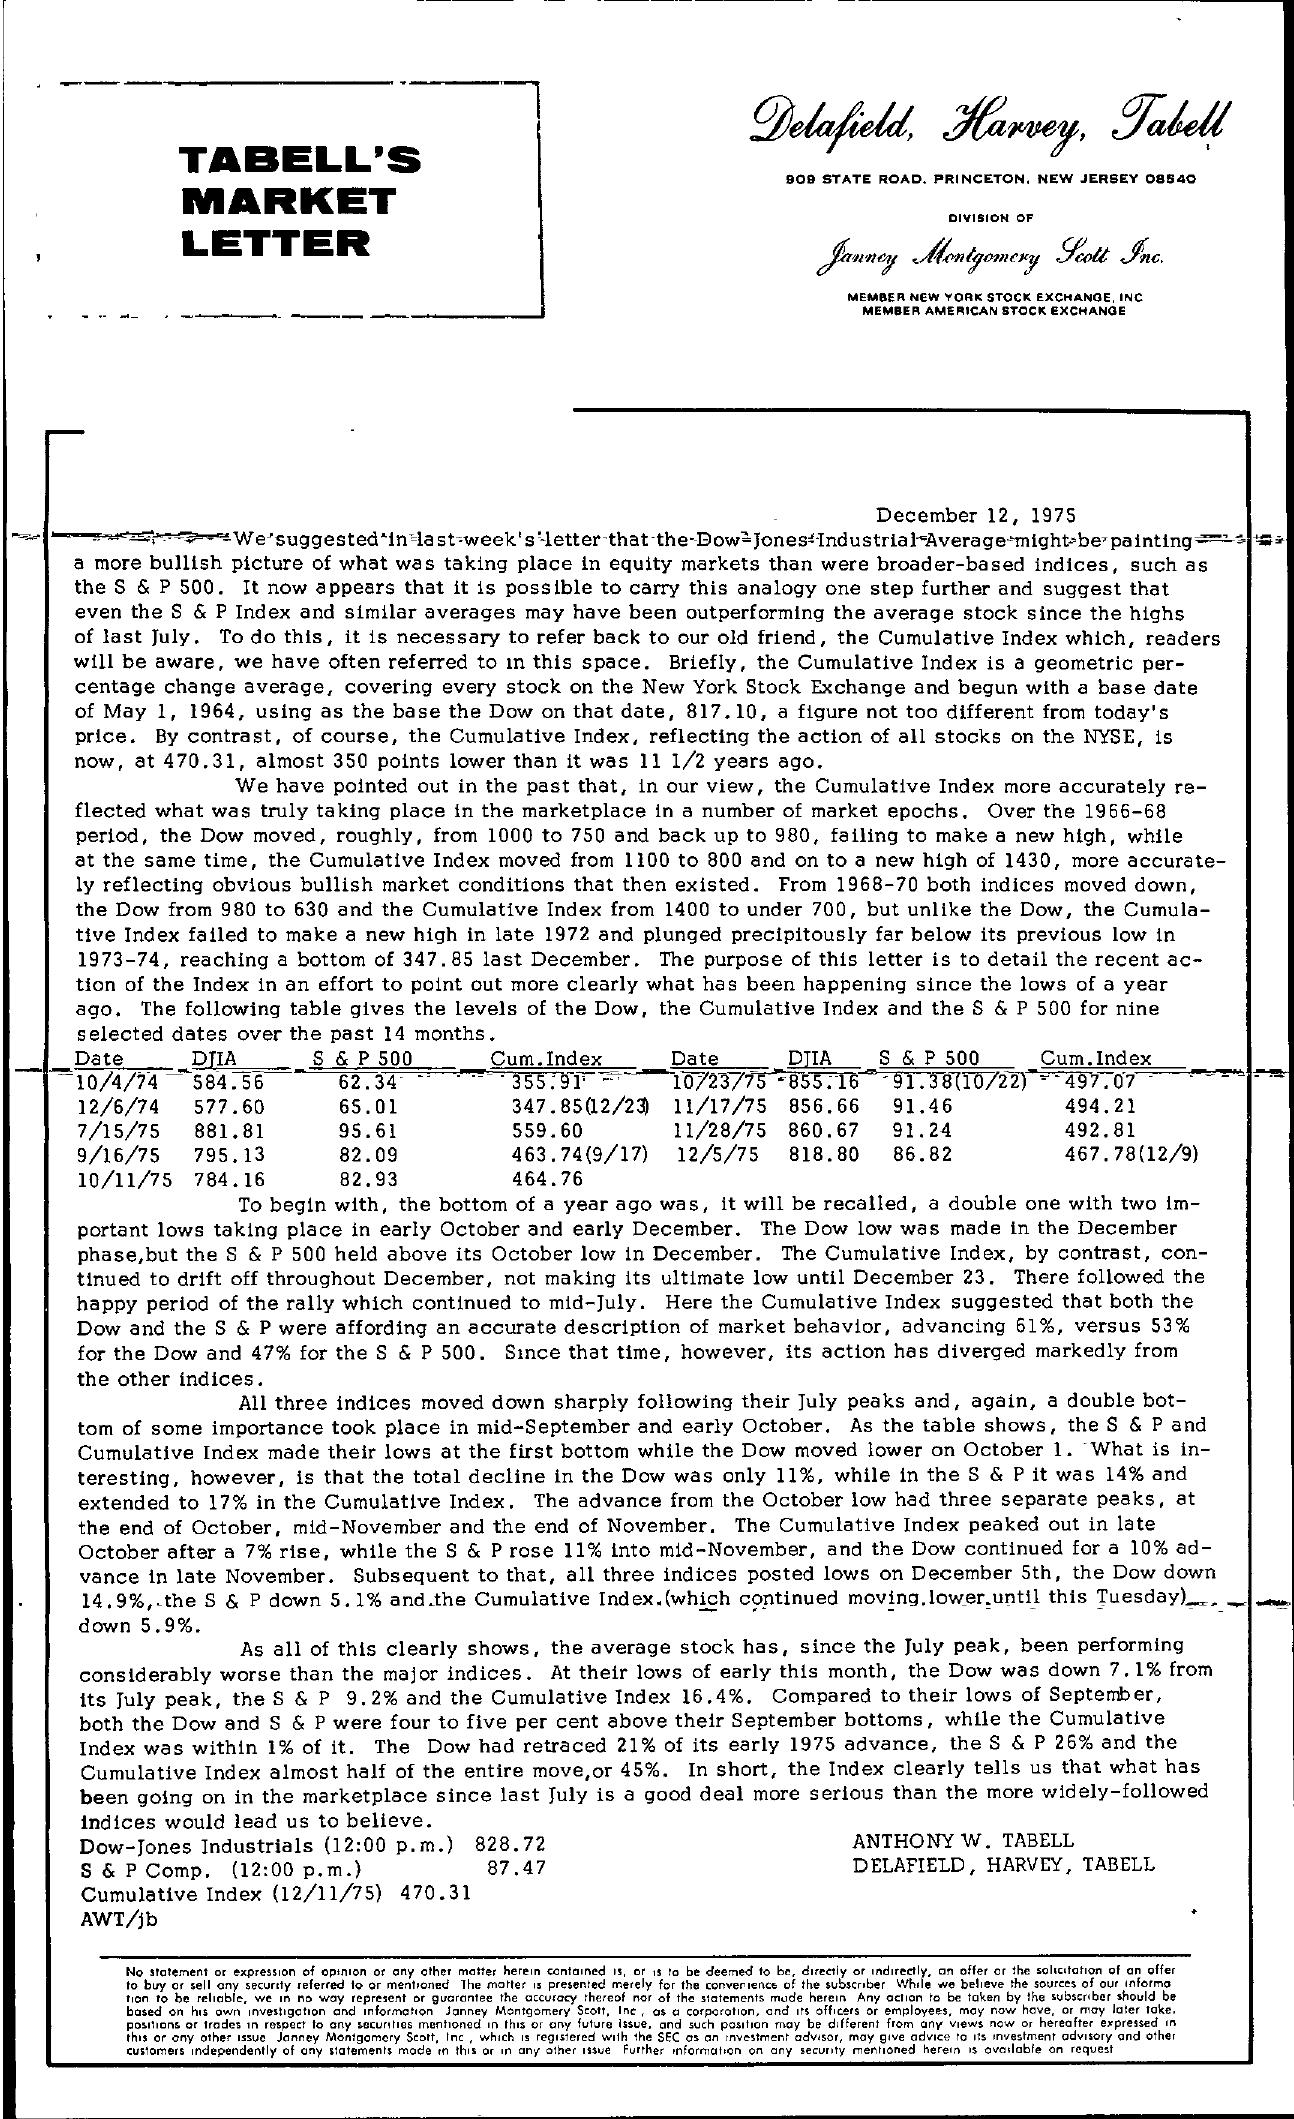 Tabell's Market Letter - December 12, 1975